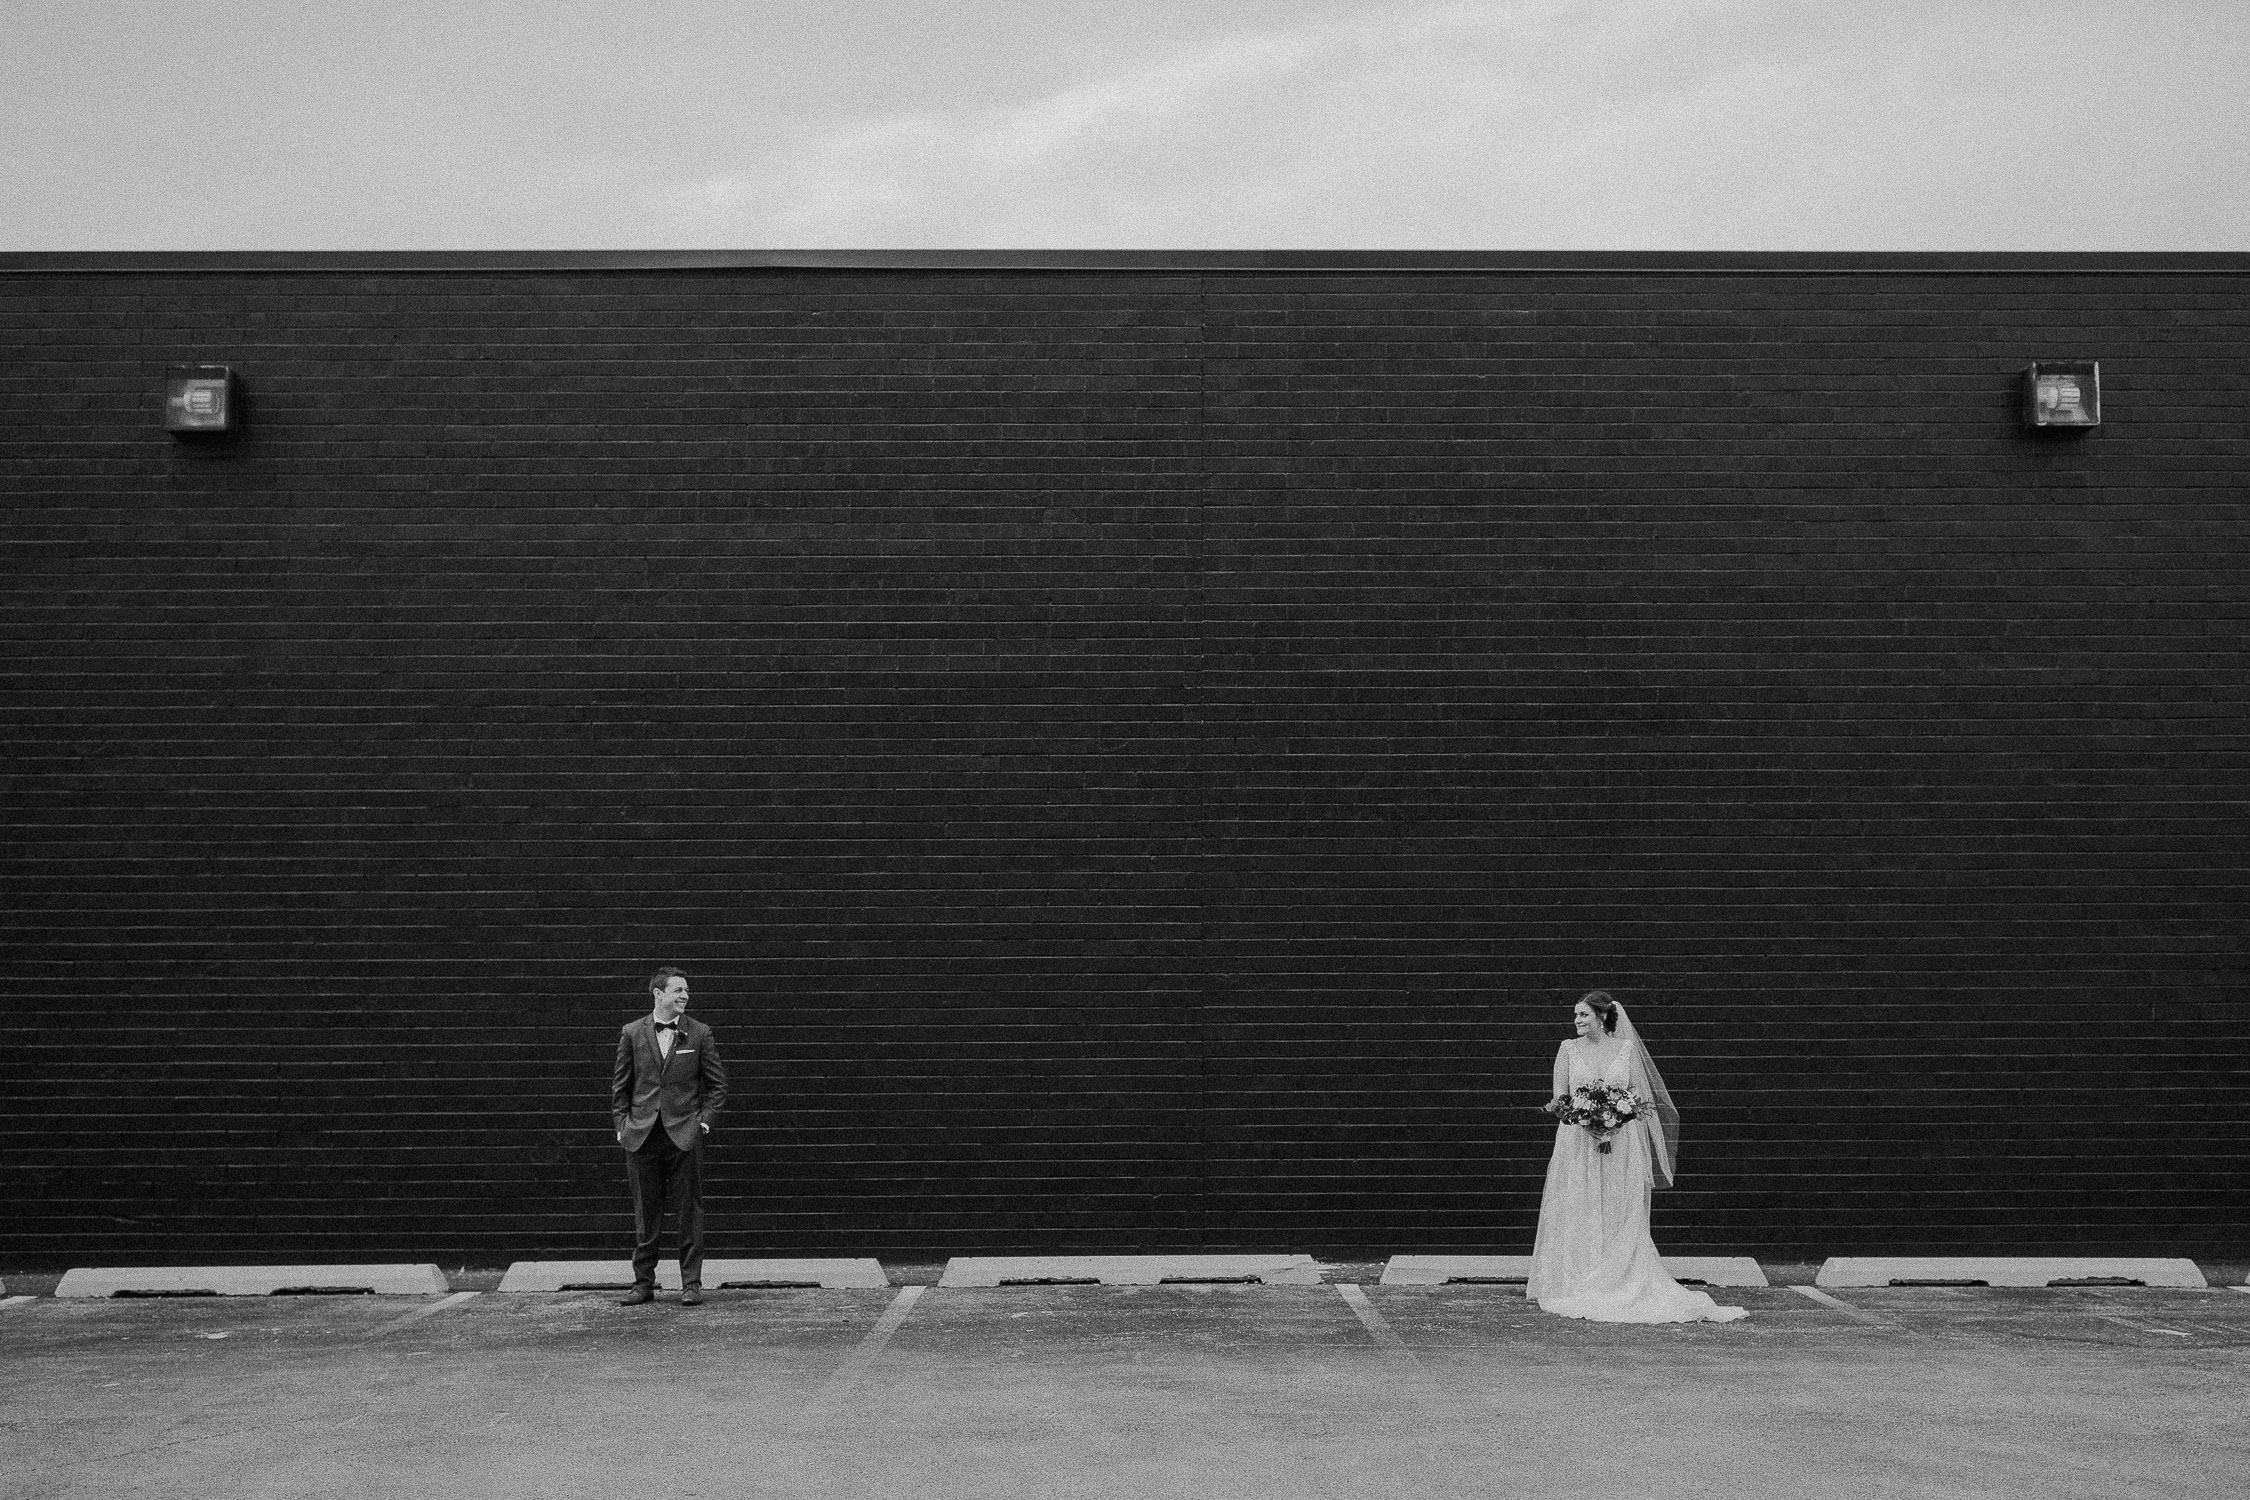 wedding couple walking towards a sunset